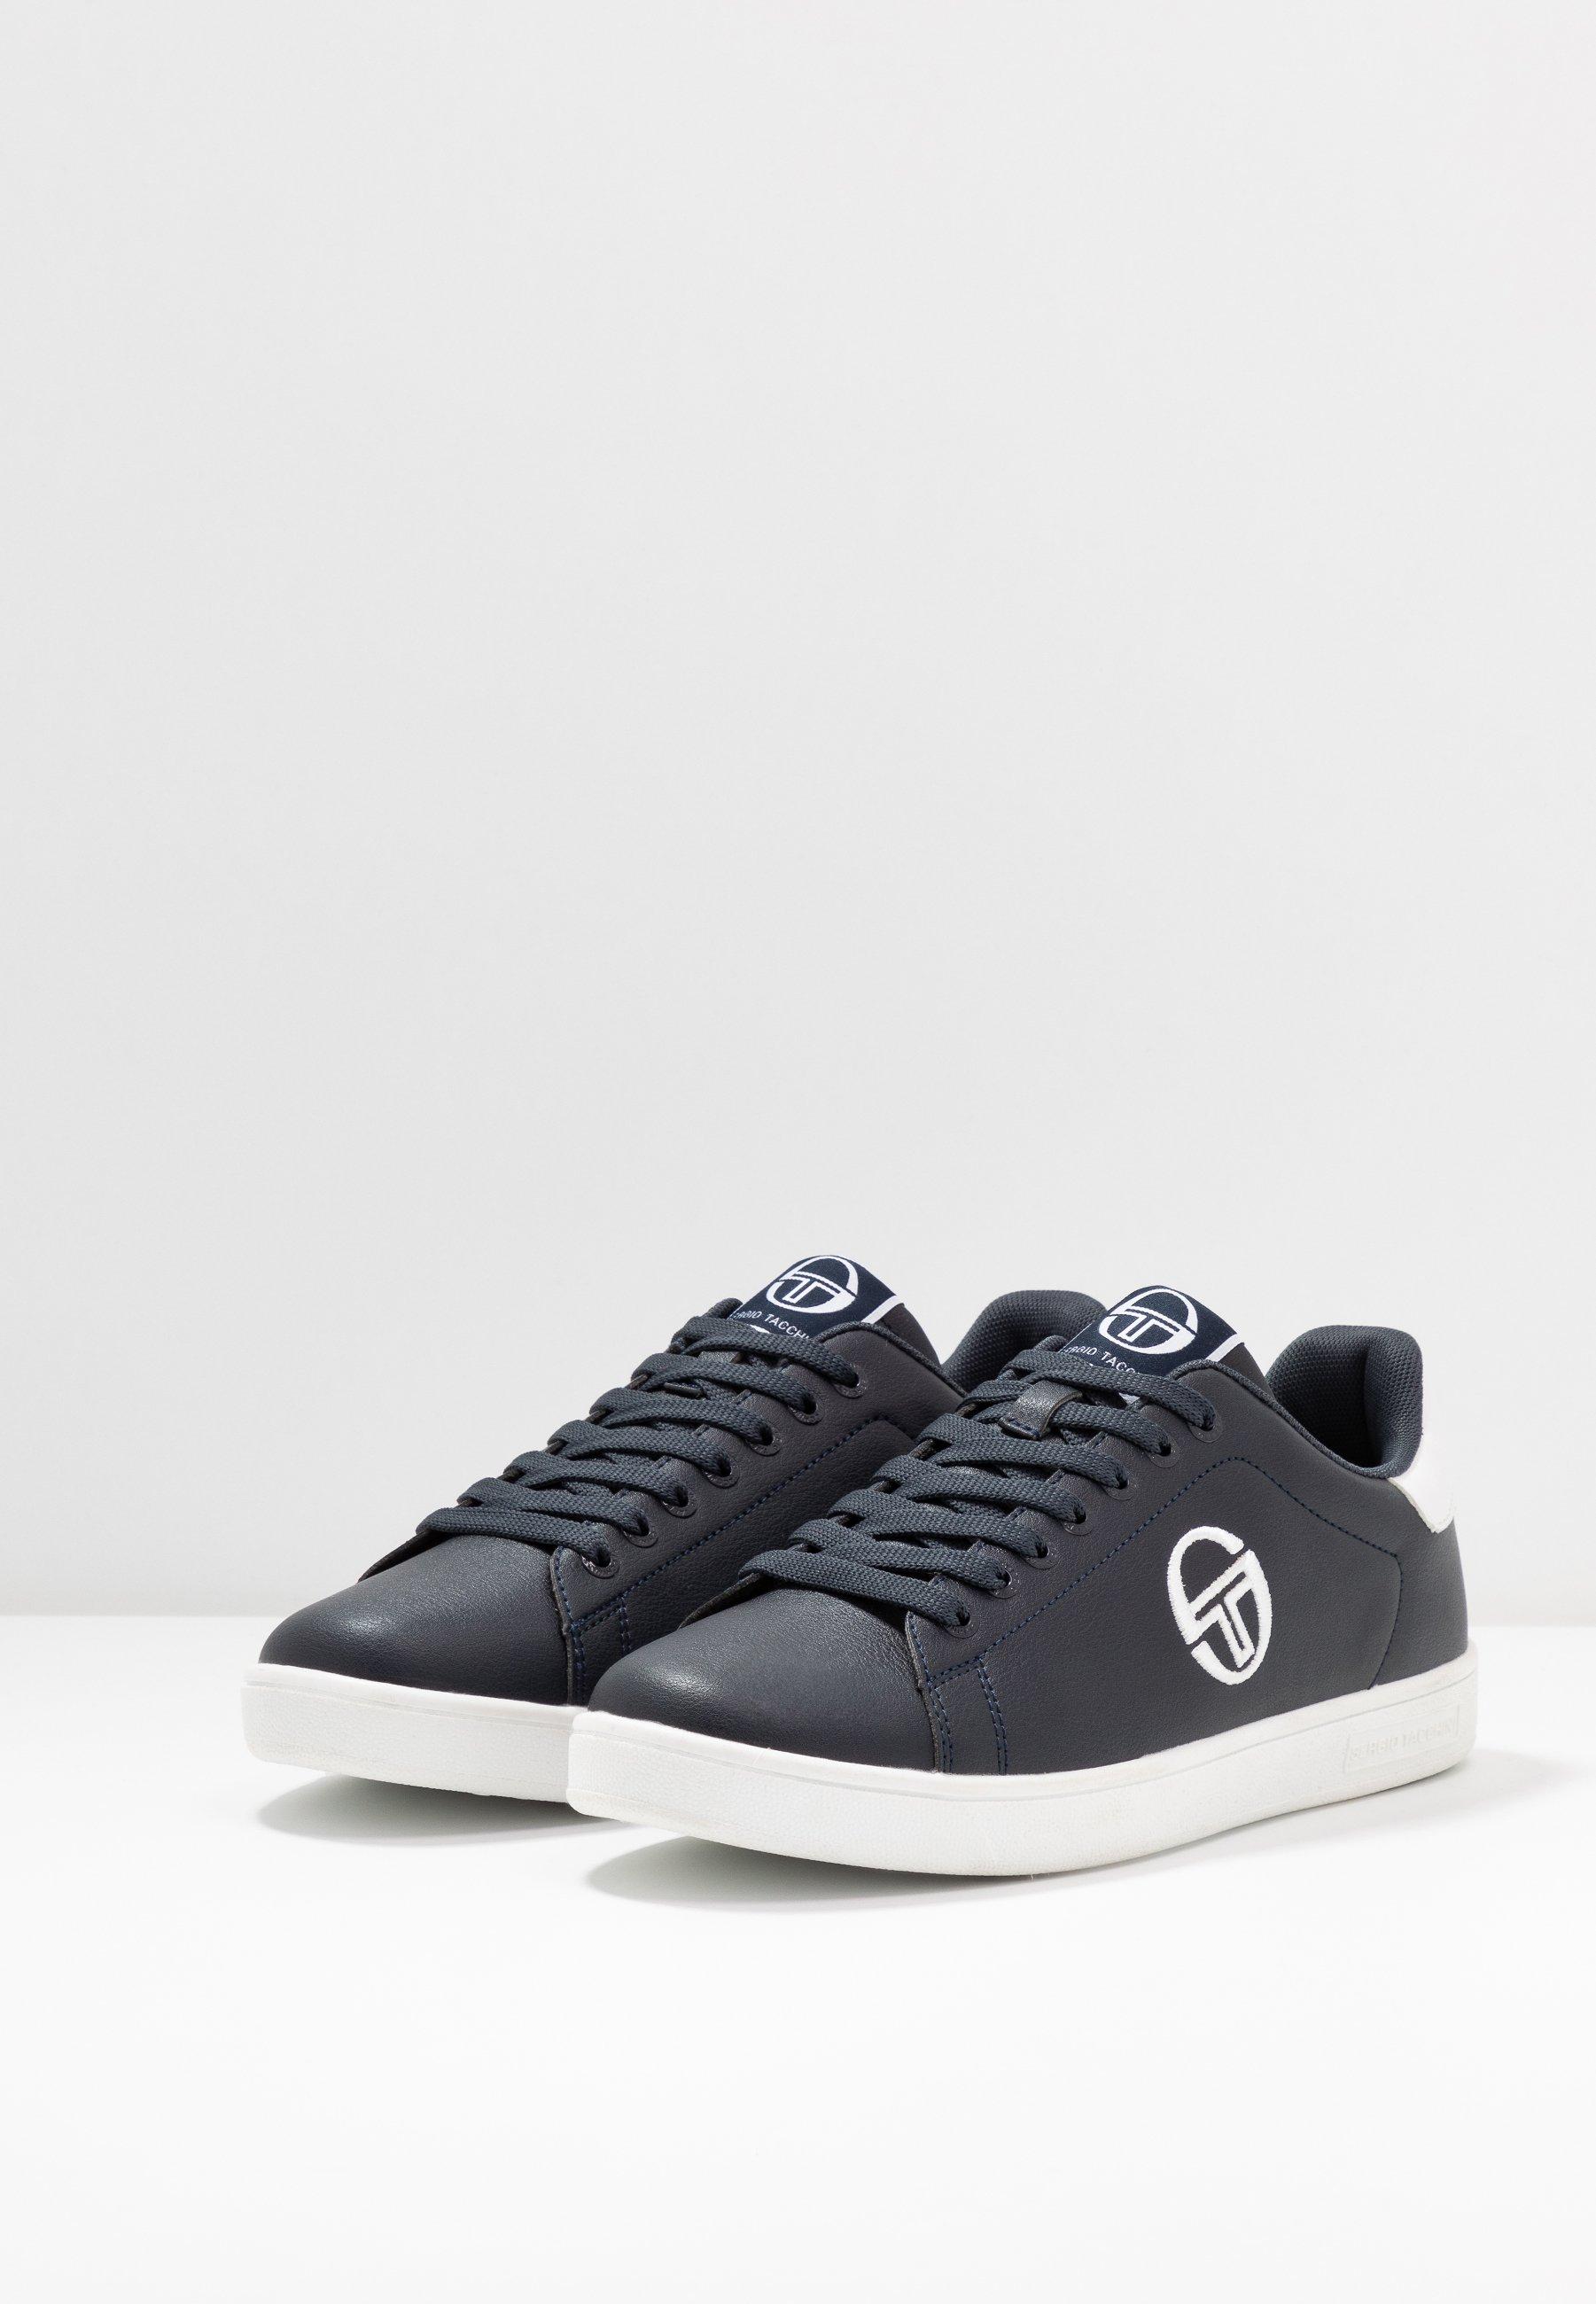 GRAN TORINO Sneakers navywhite